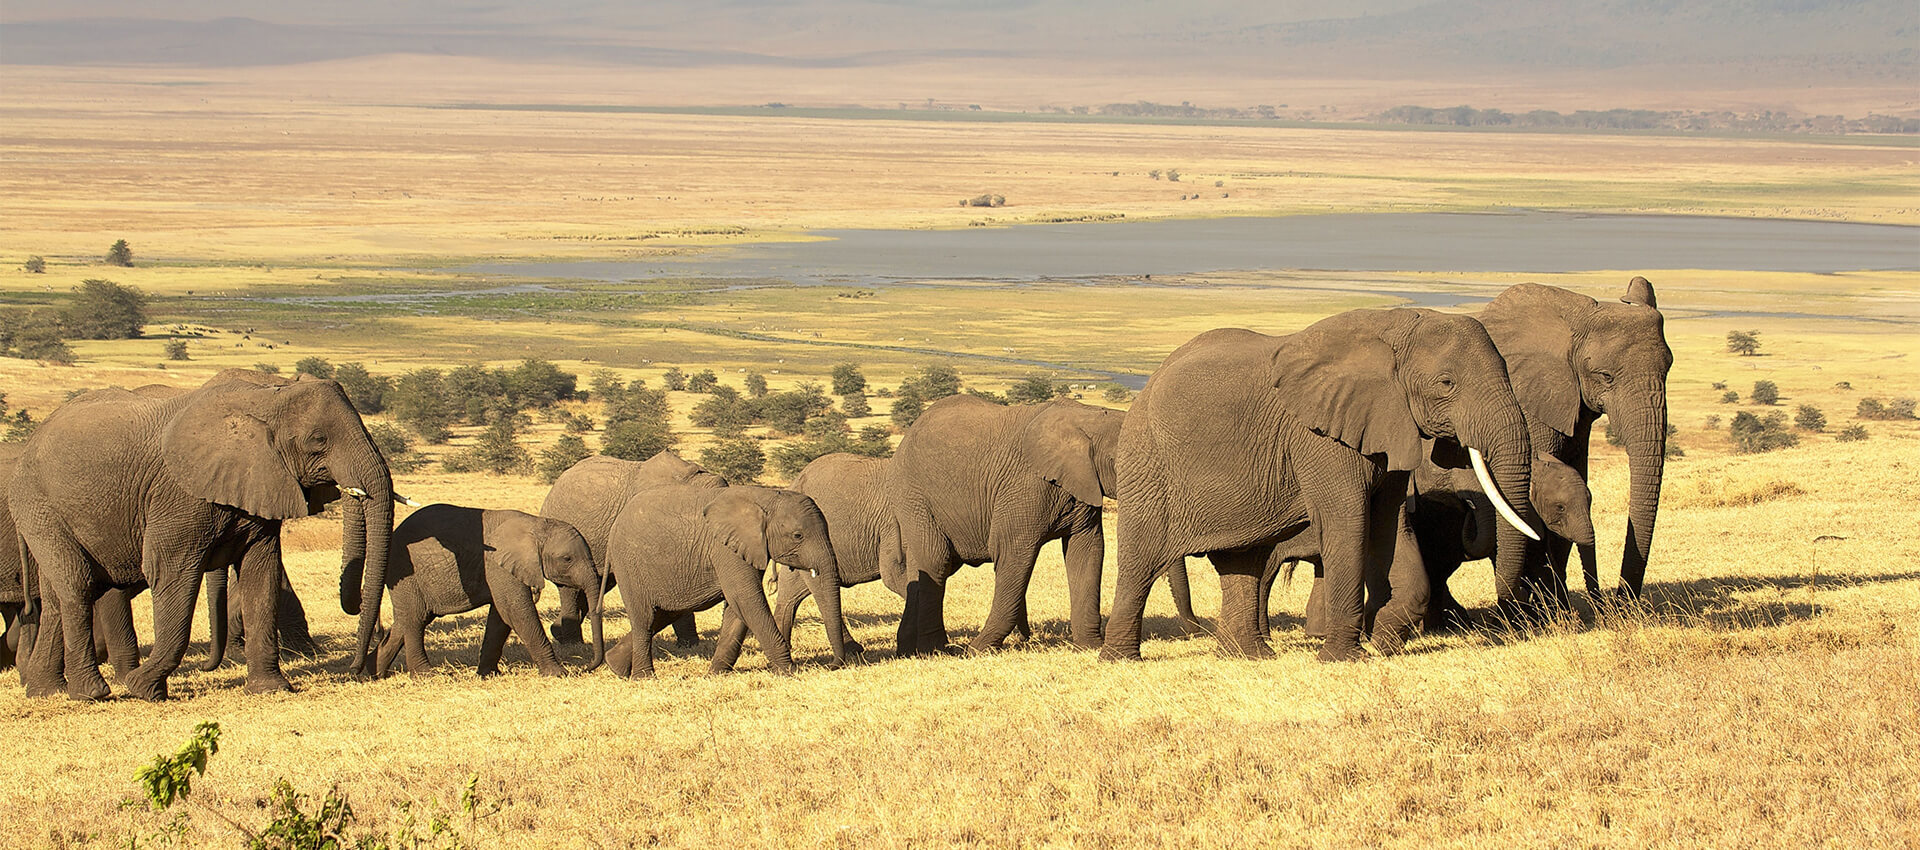 Tanzania: Elephants & Wild Island Retreats